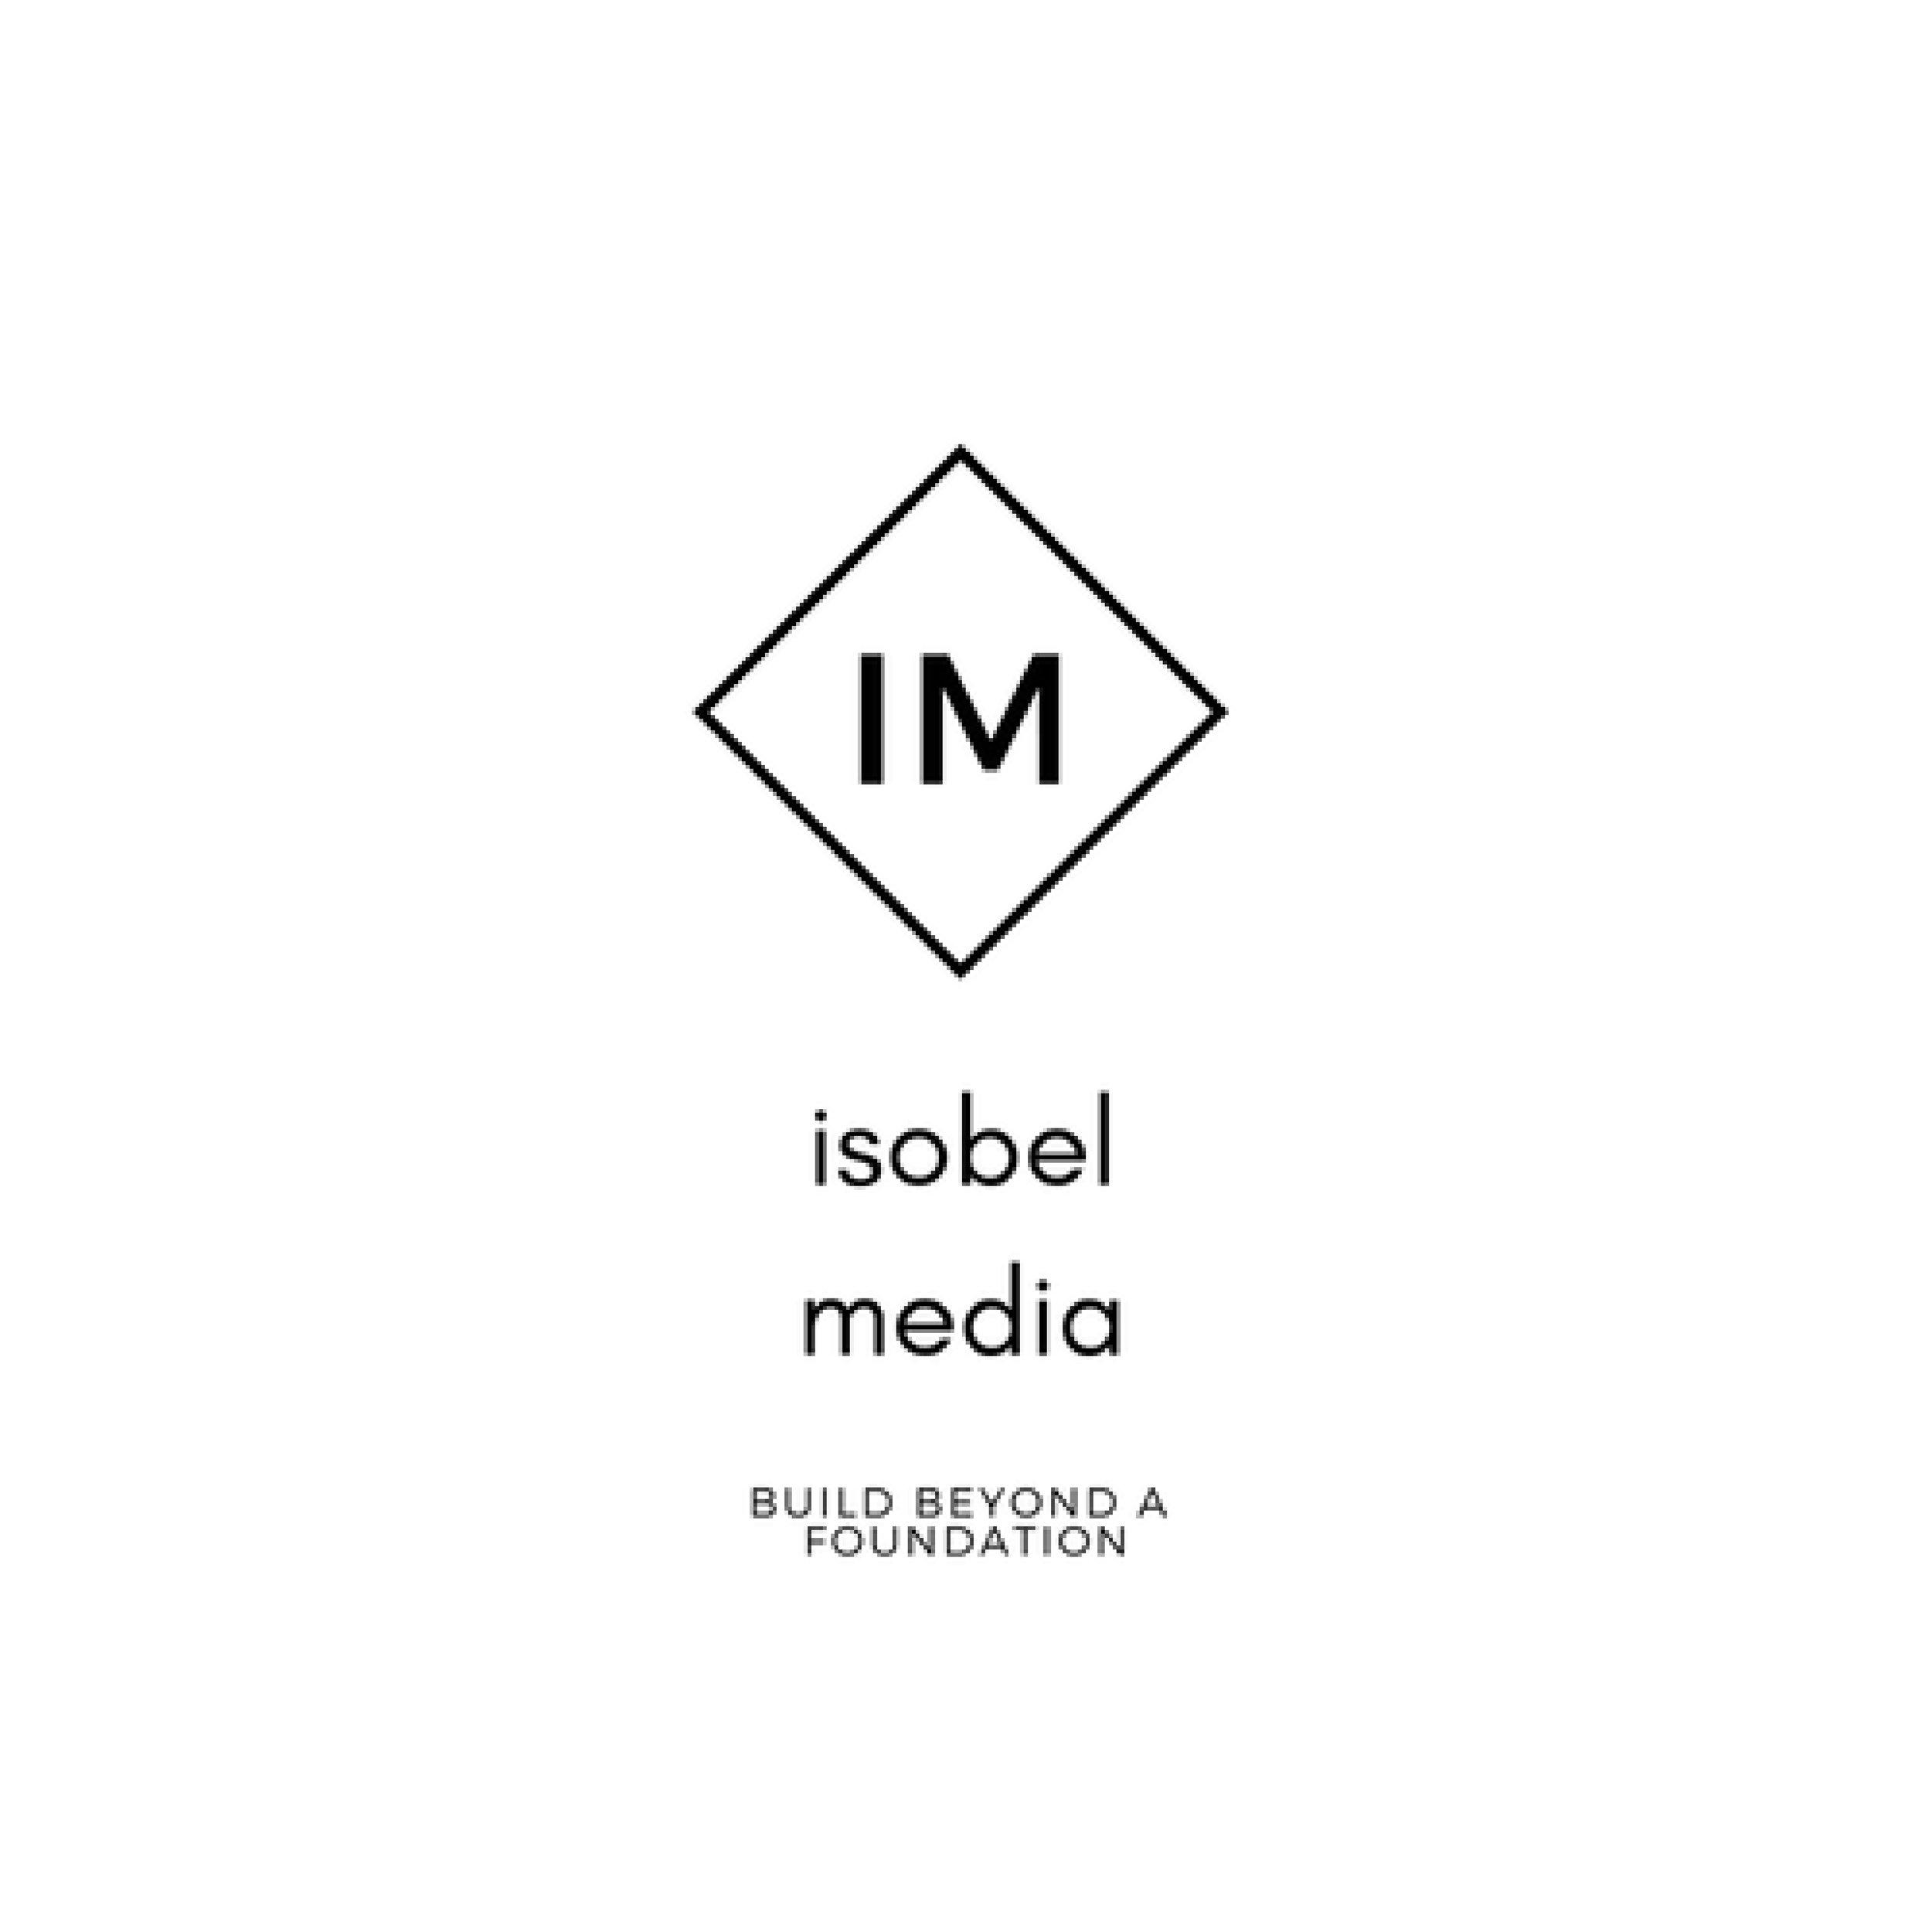 IsobelMedia-01.jpg